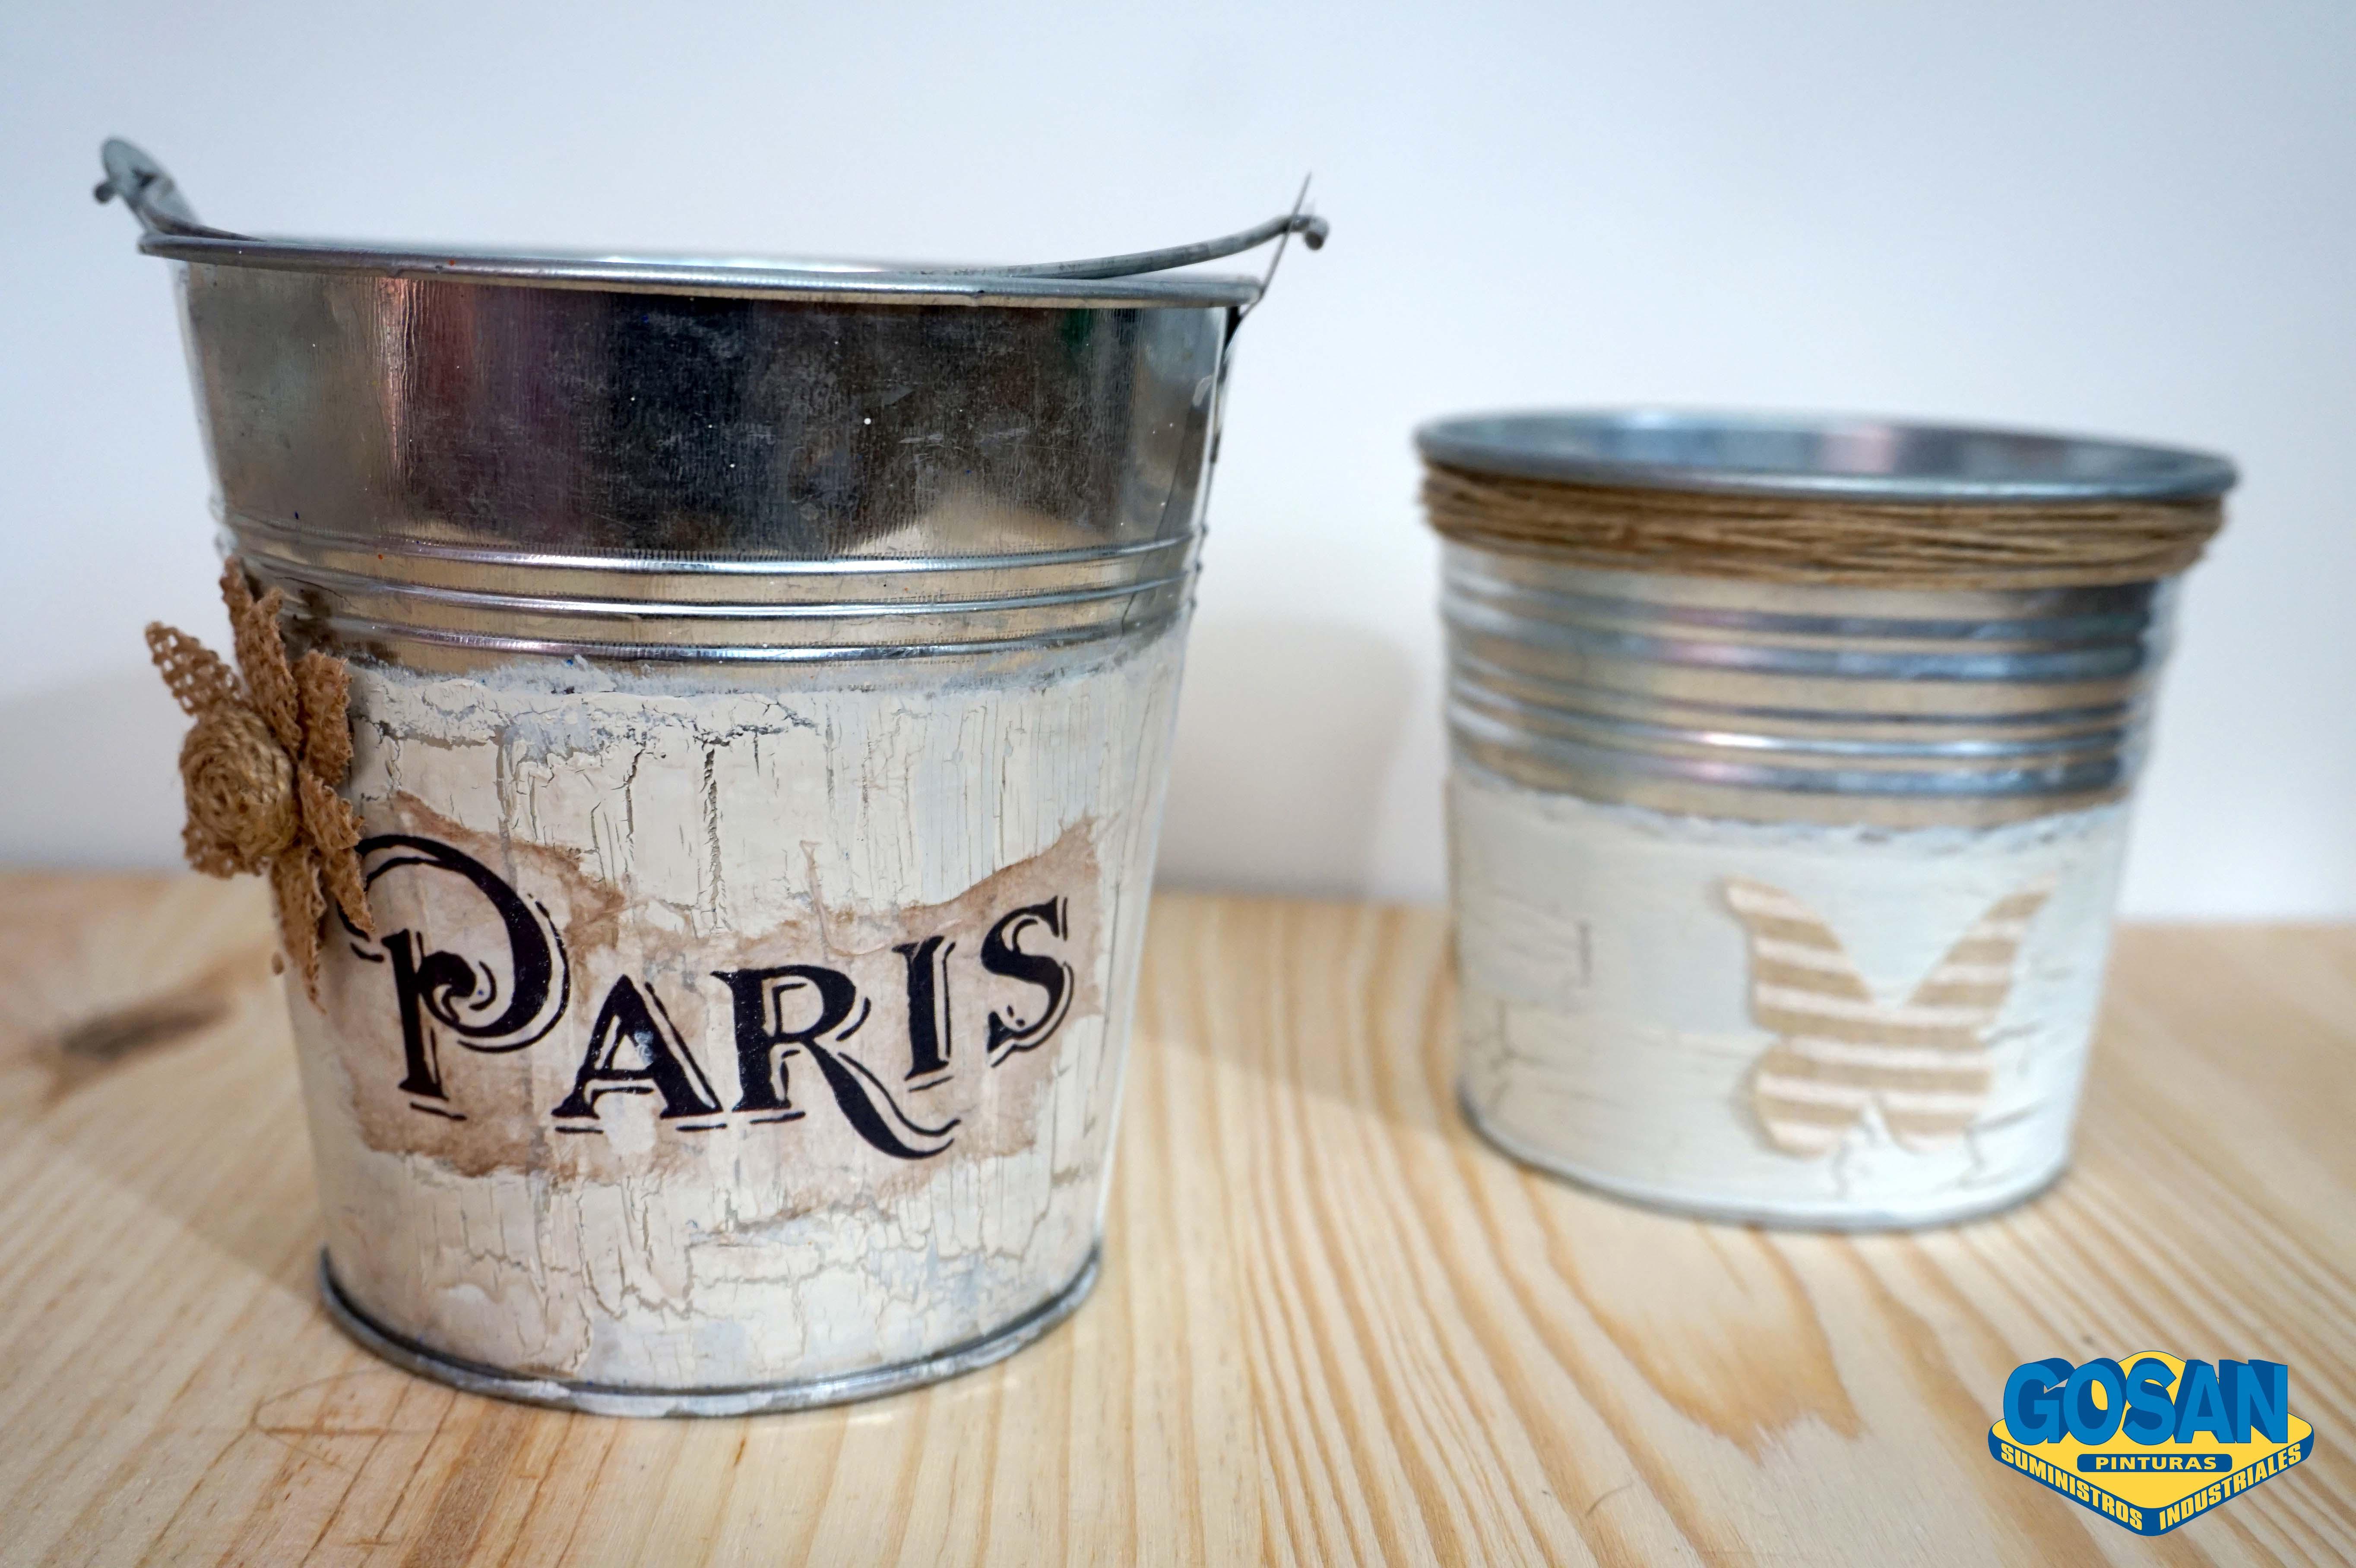 Que pintura utilizar para realizar manualidades sobre - Manualidades pintar caja metal ...